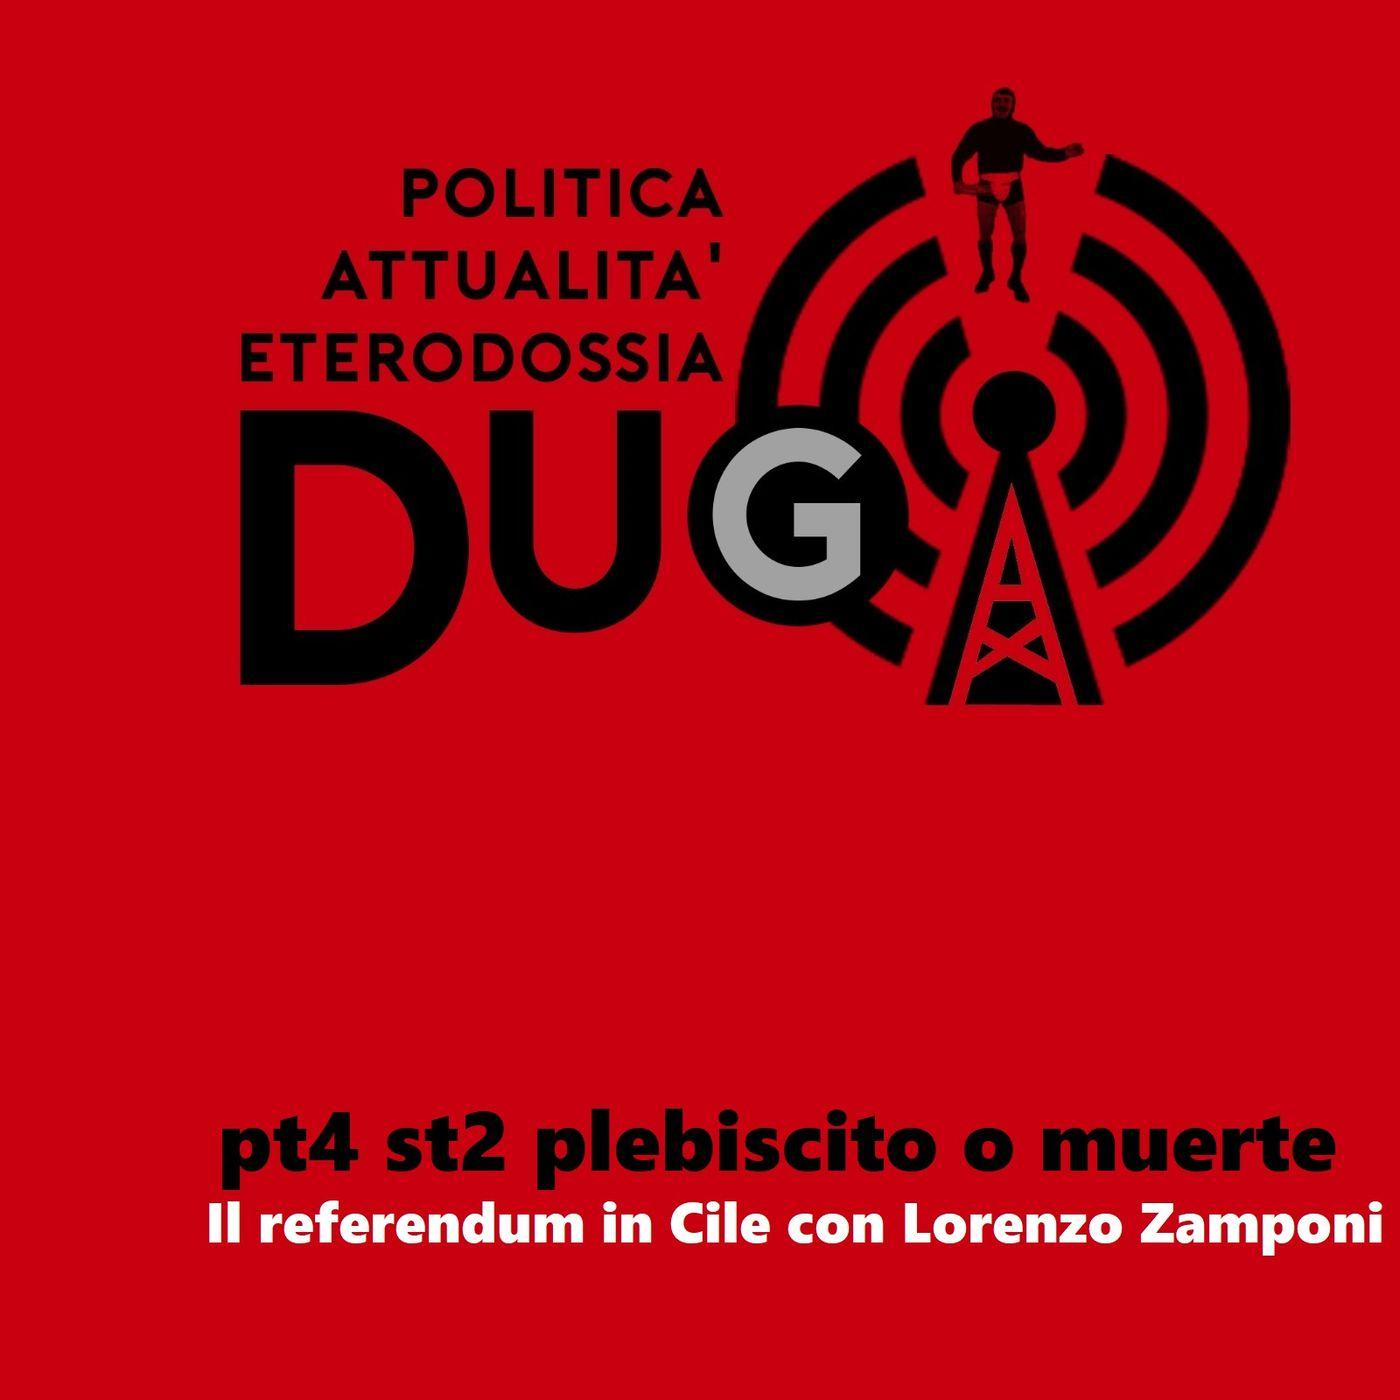 pt 4 st 2_Plebiscito o muerte. Il referendum in Cile con Lorenzo Zamponi